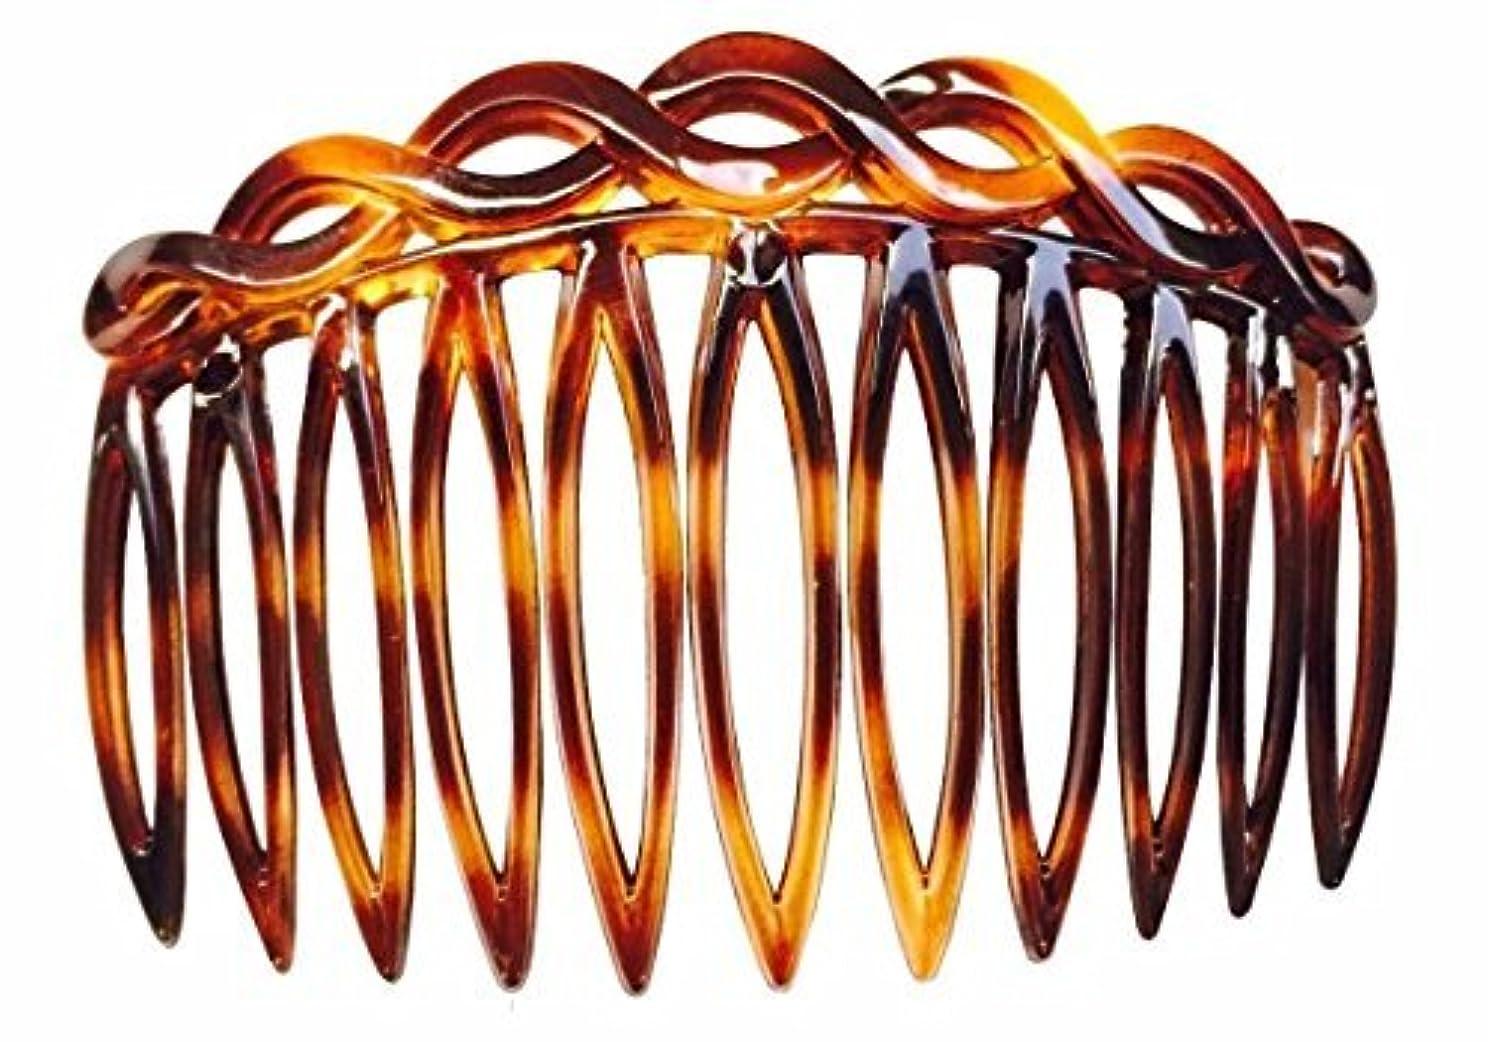 申し立てるソフトウェアコンサルタントParcelona French 2 Pieces Open Curved Celluloid Shell Side Hair Combs - 3 Inch (2 Pcs) [並行輸入品]